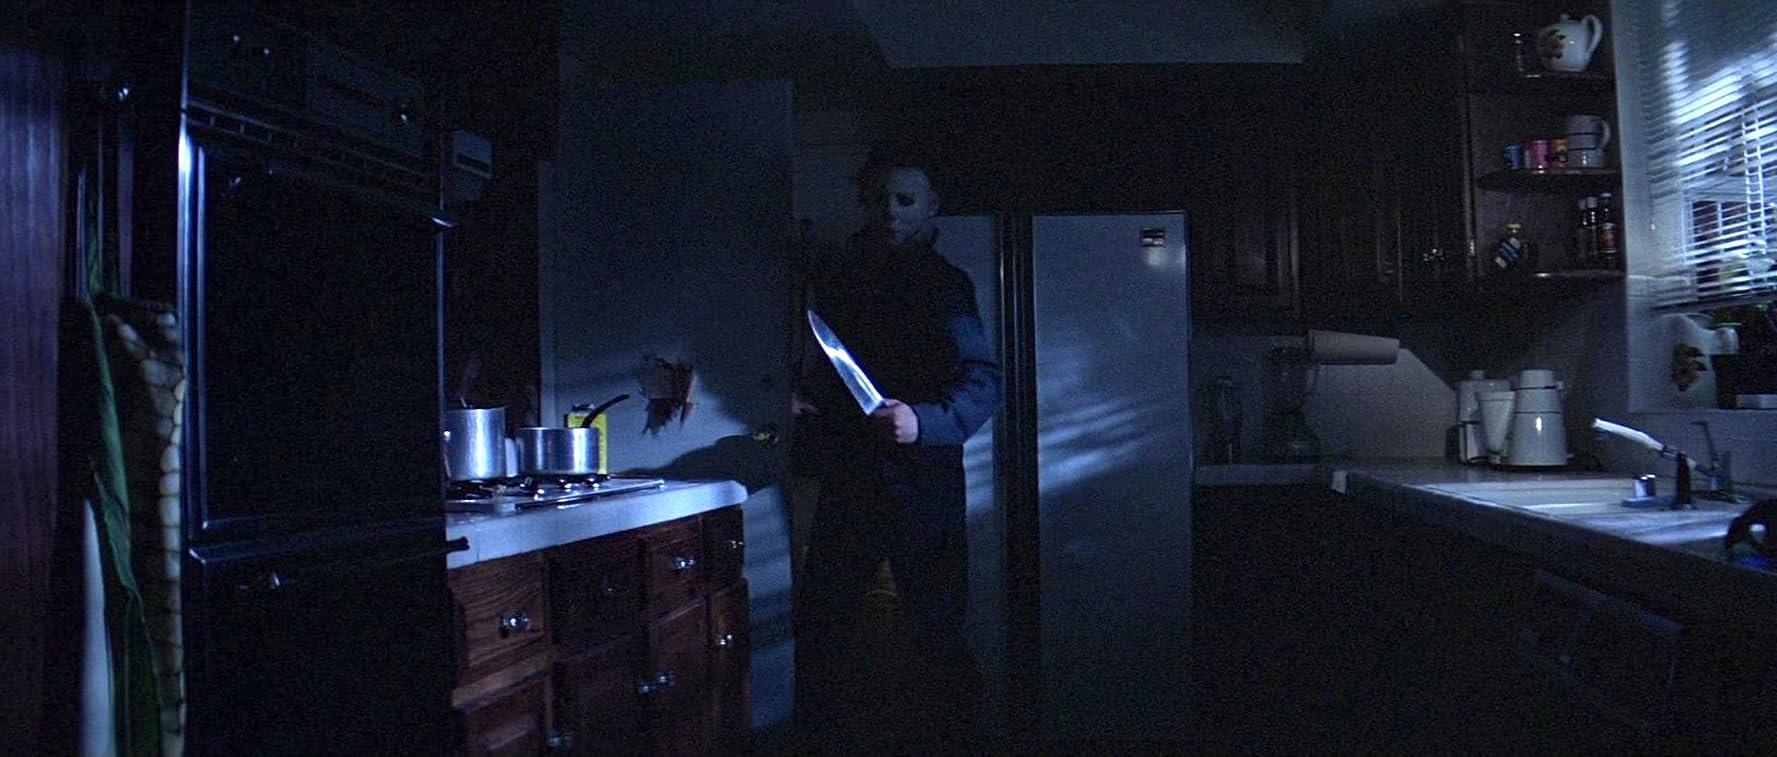 Ook al heeft Halloween (1978) het niet nodig, ik had graag wat achtergrond informatie willen zien